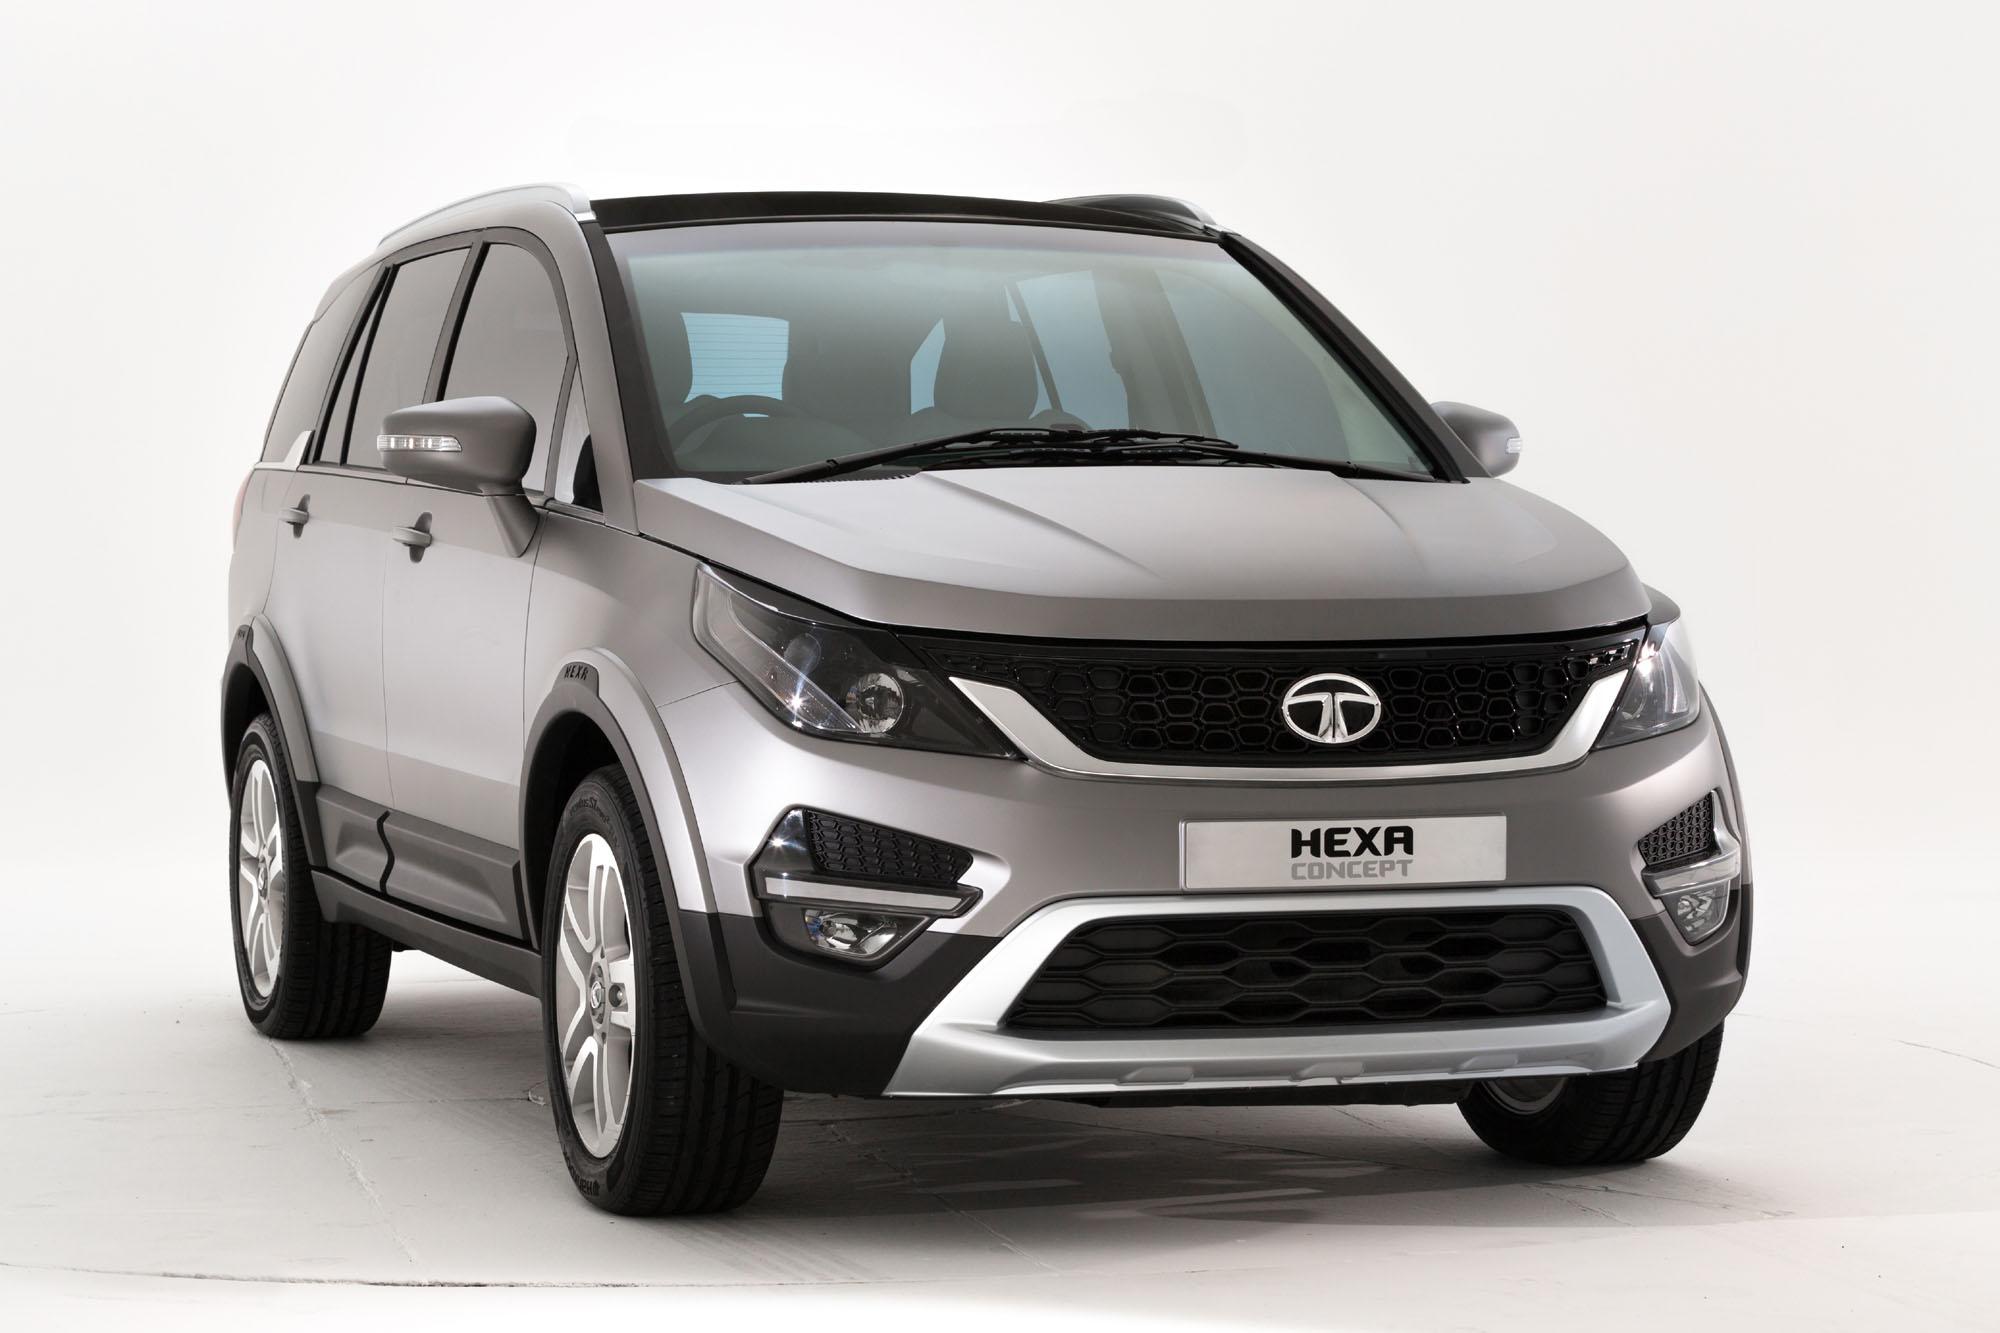 Tata Hexa car